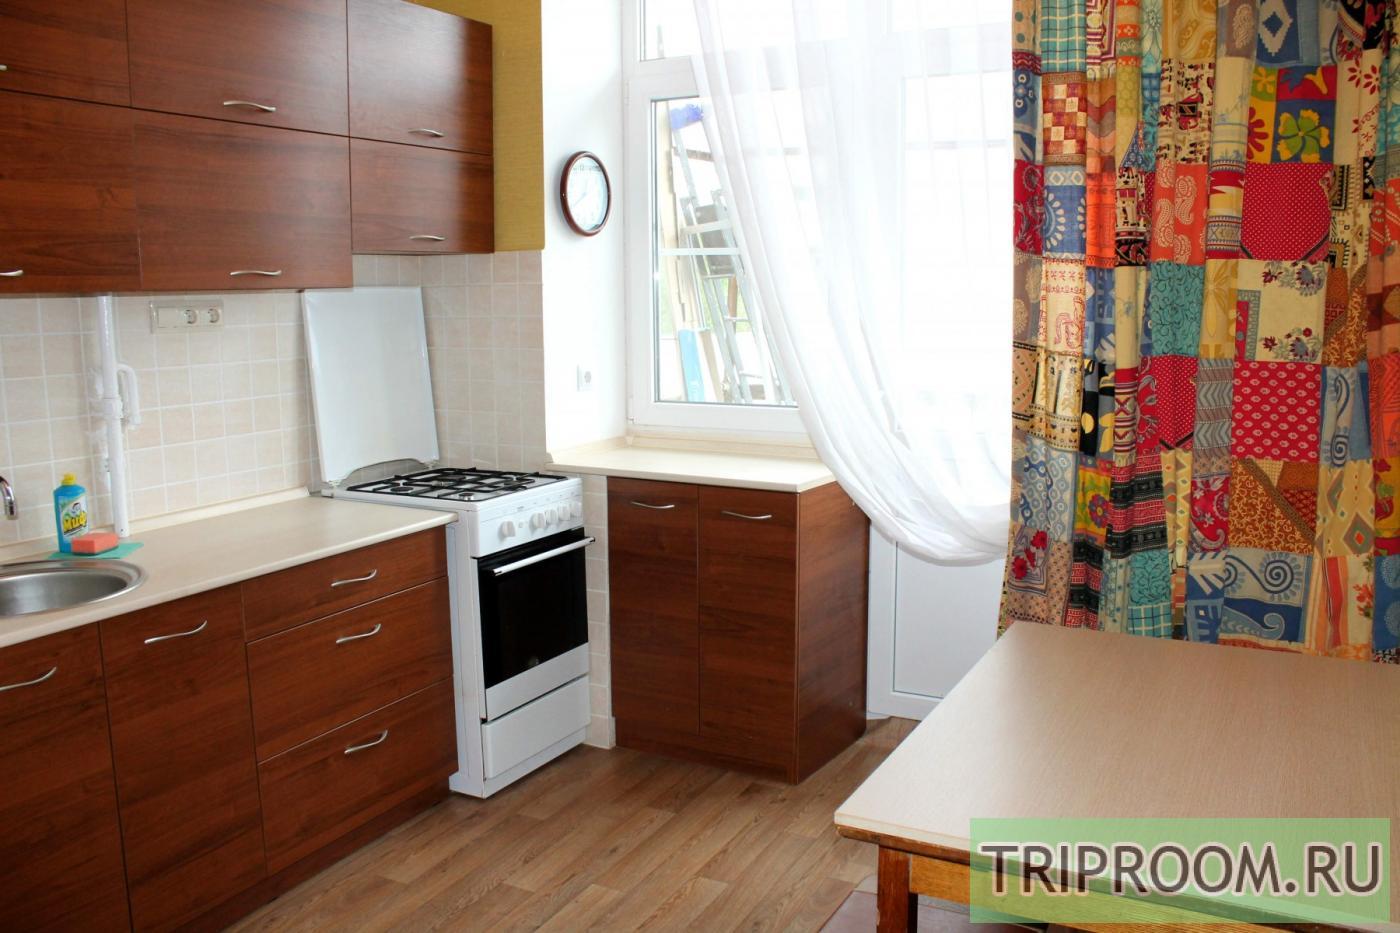 3-комнатная квартира посуточно (вариант № 20393), ул. Ленина проспект, фото № 10